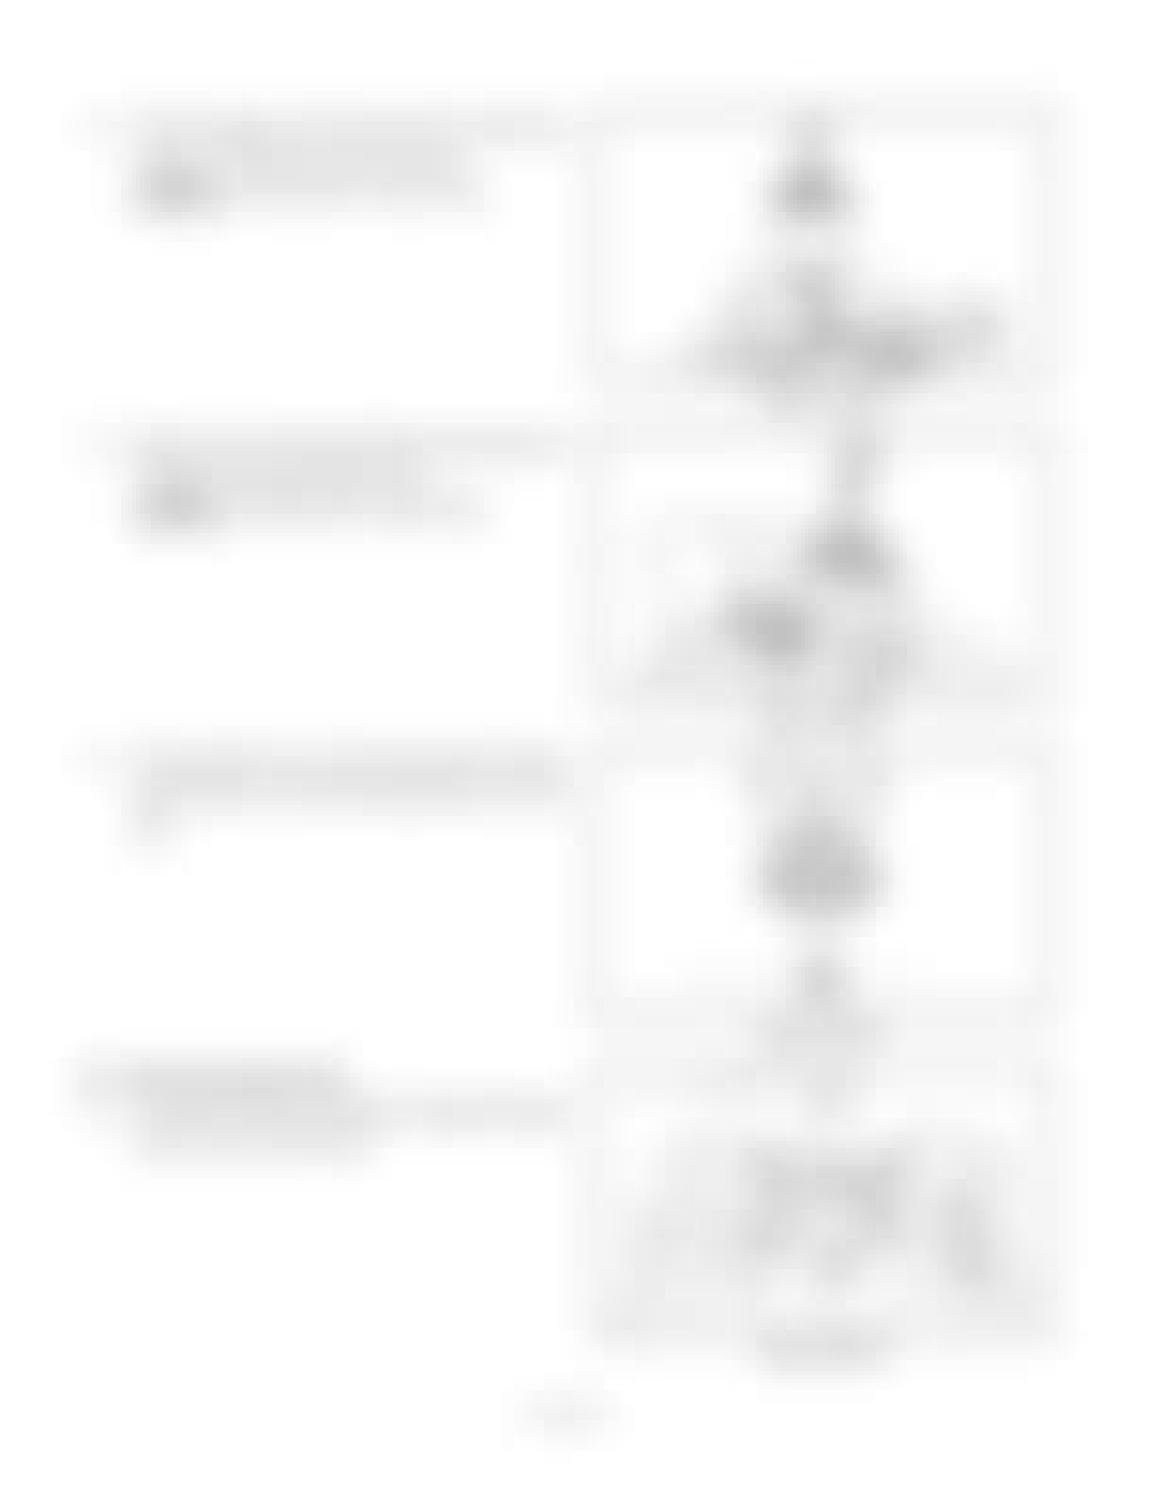 Hitachi LX110-7 LX130-7 LX160-7 LX190-7 LX230-7 Wheel Loader Workshop Manual - PDF DOWNLOAD page 42